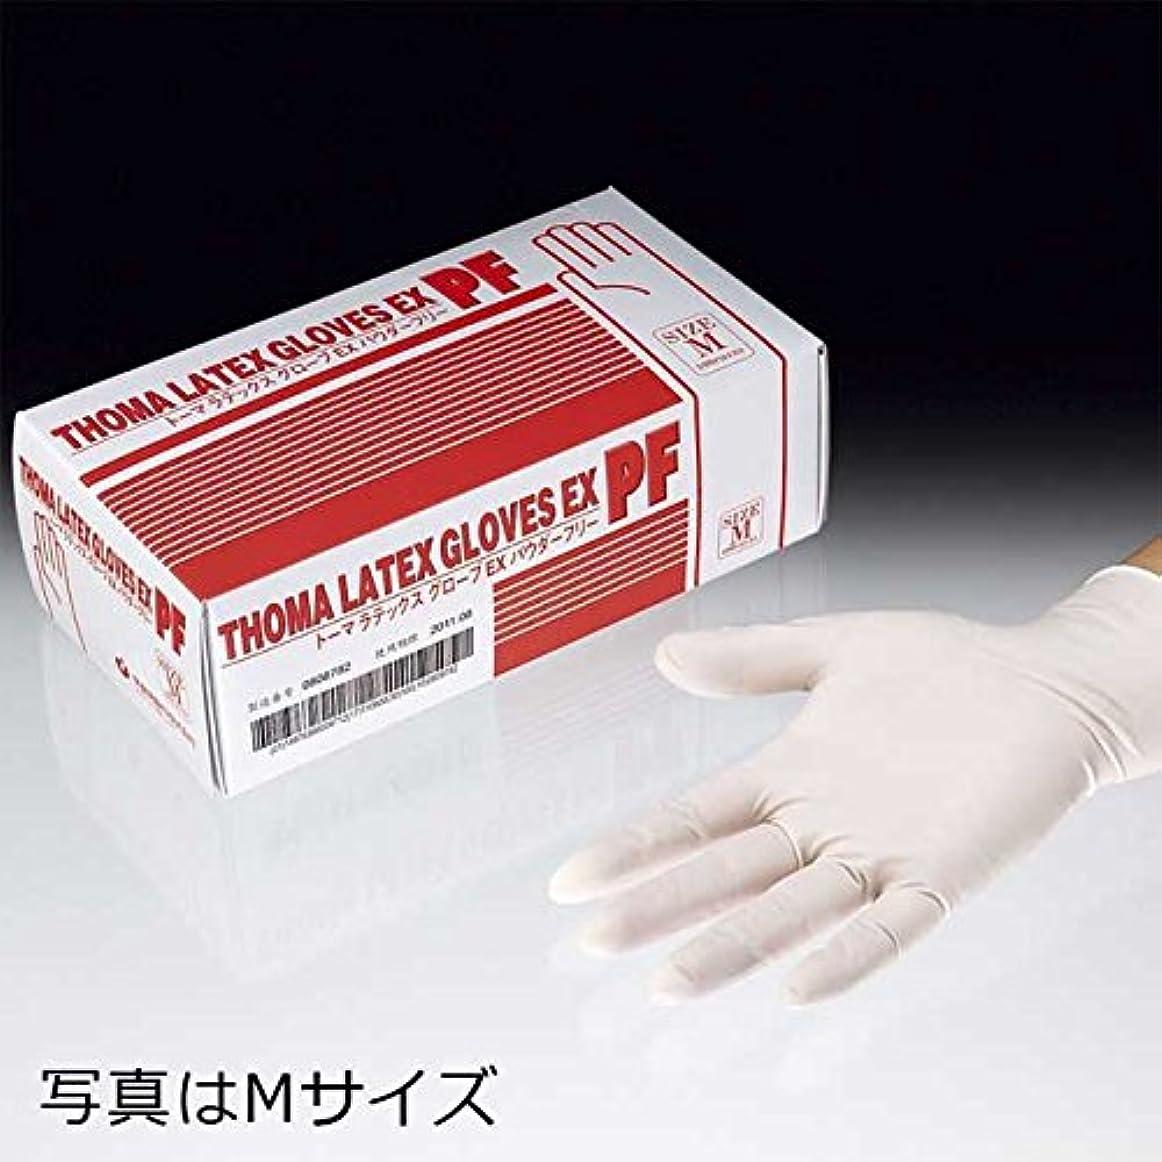 一時解雇するノート商業のトーマラテックス手袋EX PF 天然ゴム 使い捨て手袋 粉なし2000枚 (100枚入り20箱) (SS)